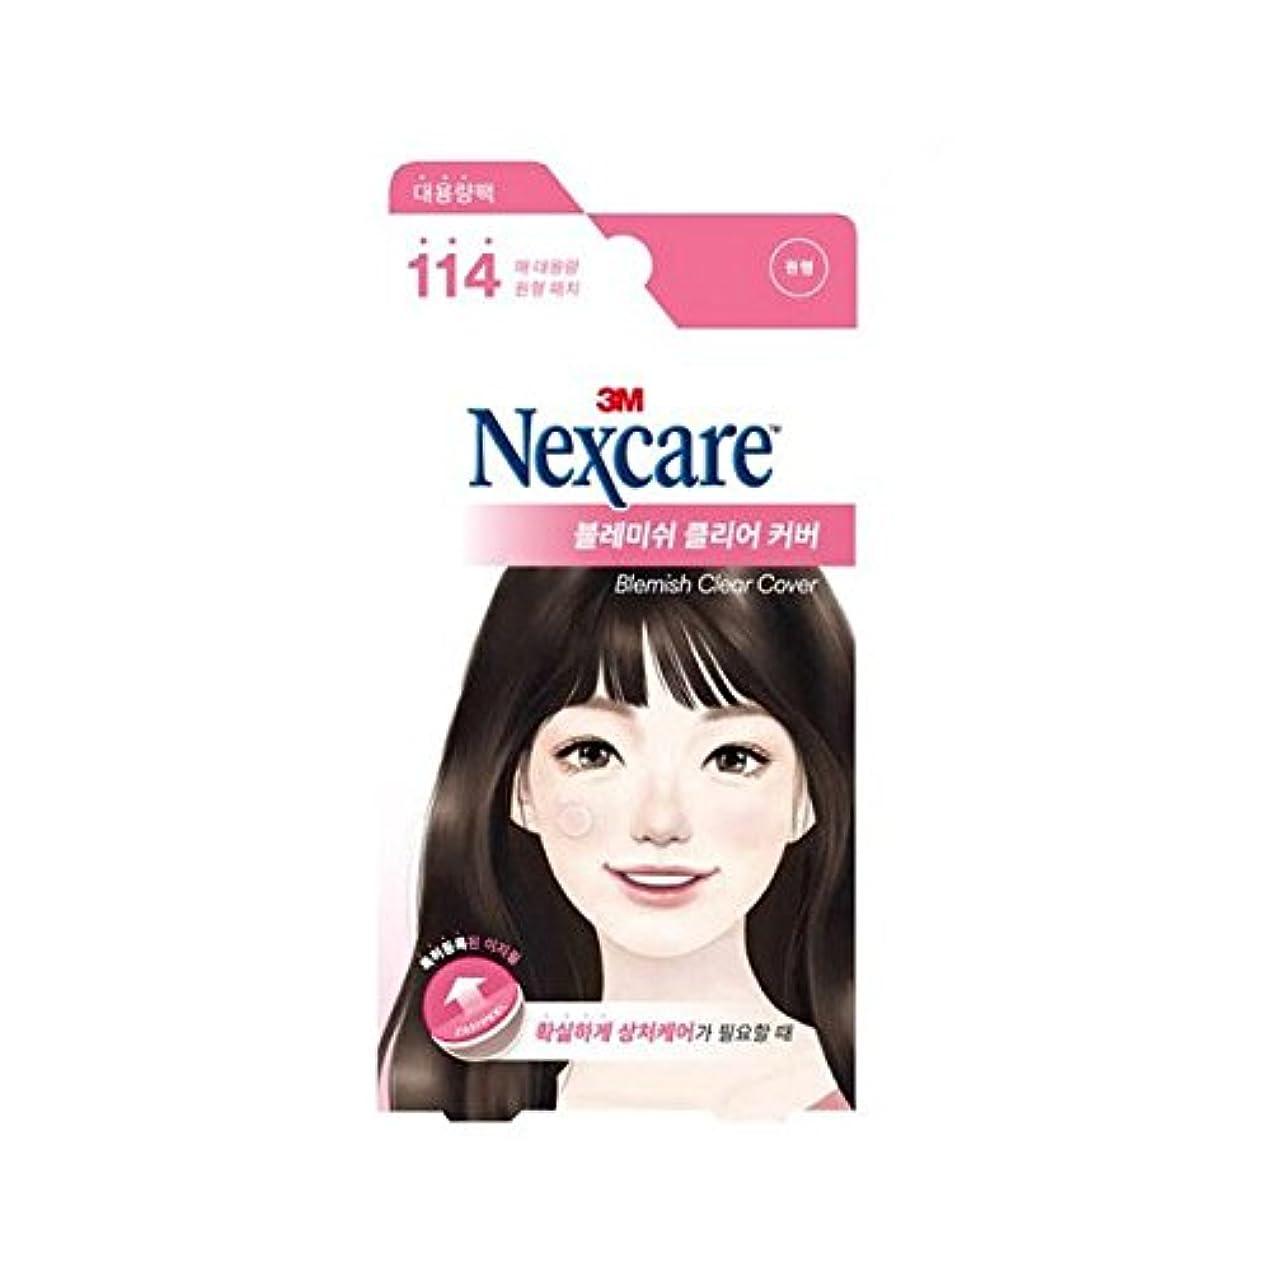 スケッチ梨増幅[New] 3M Nexcare Blemish Clear Cover Easy Peel 114 Patches/3M ネクスケア ブレミッシュ クリア カバー イージー ピール 114パッチ入り [並行輸入品]